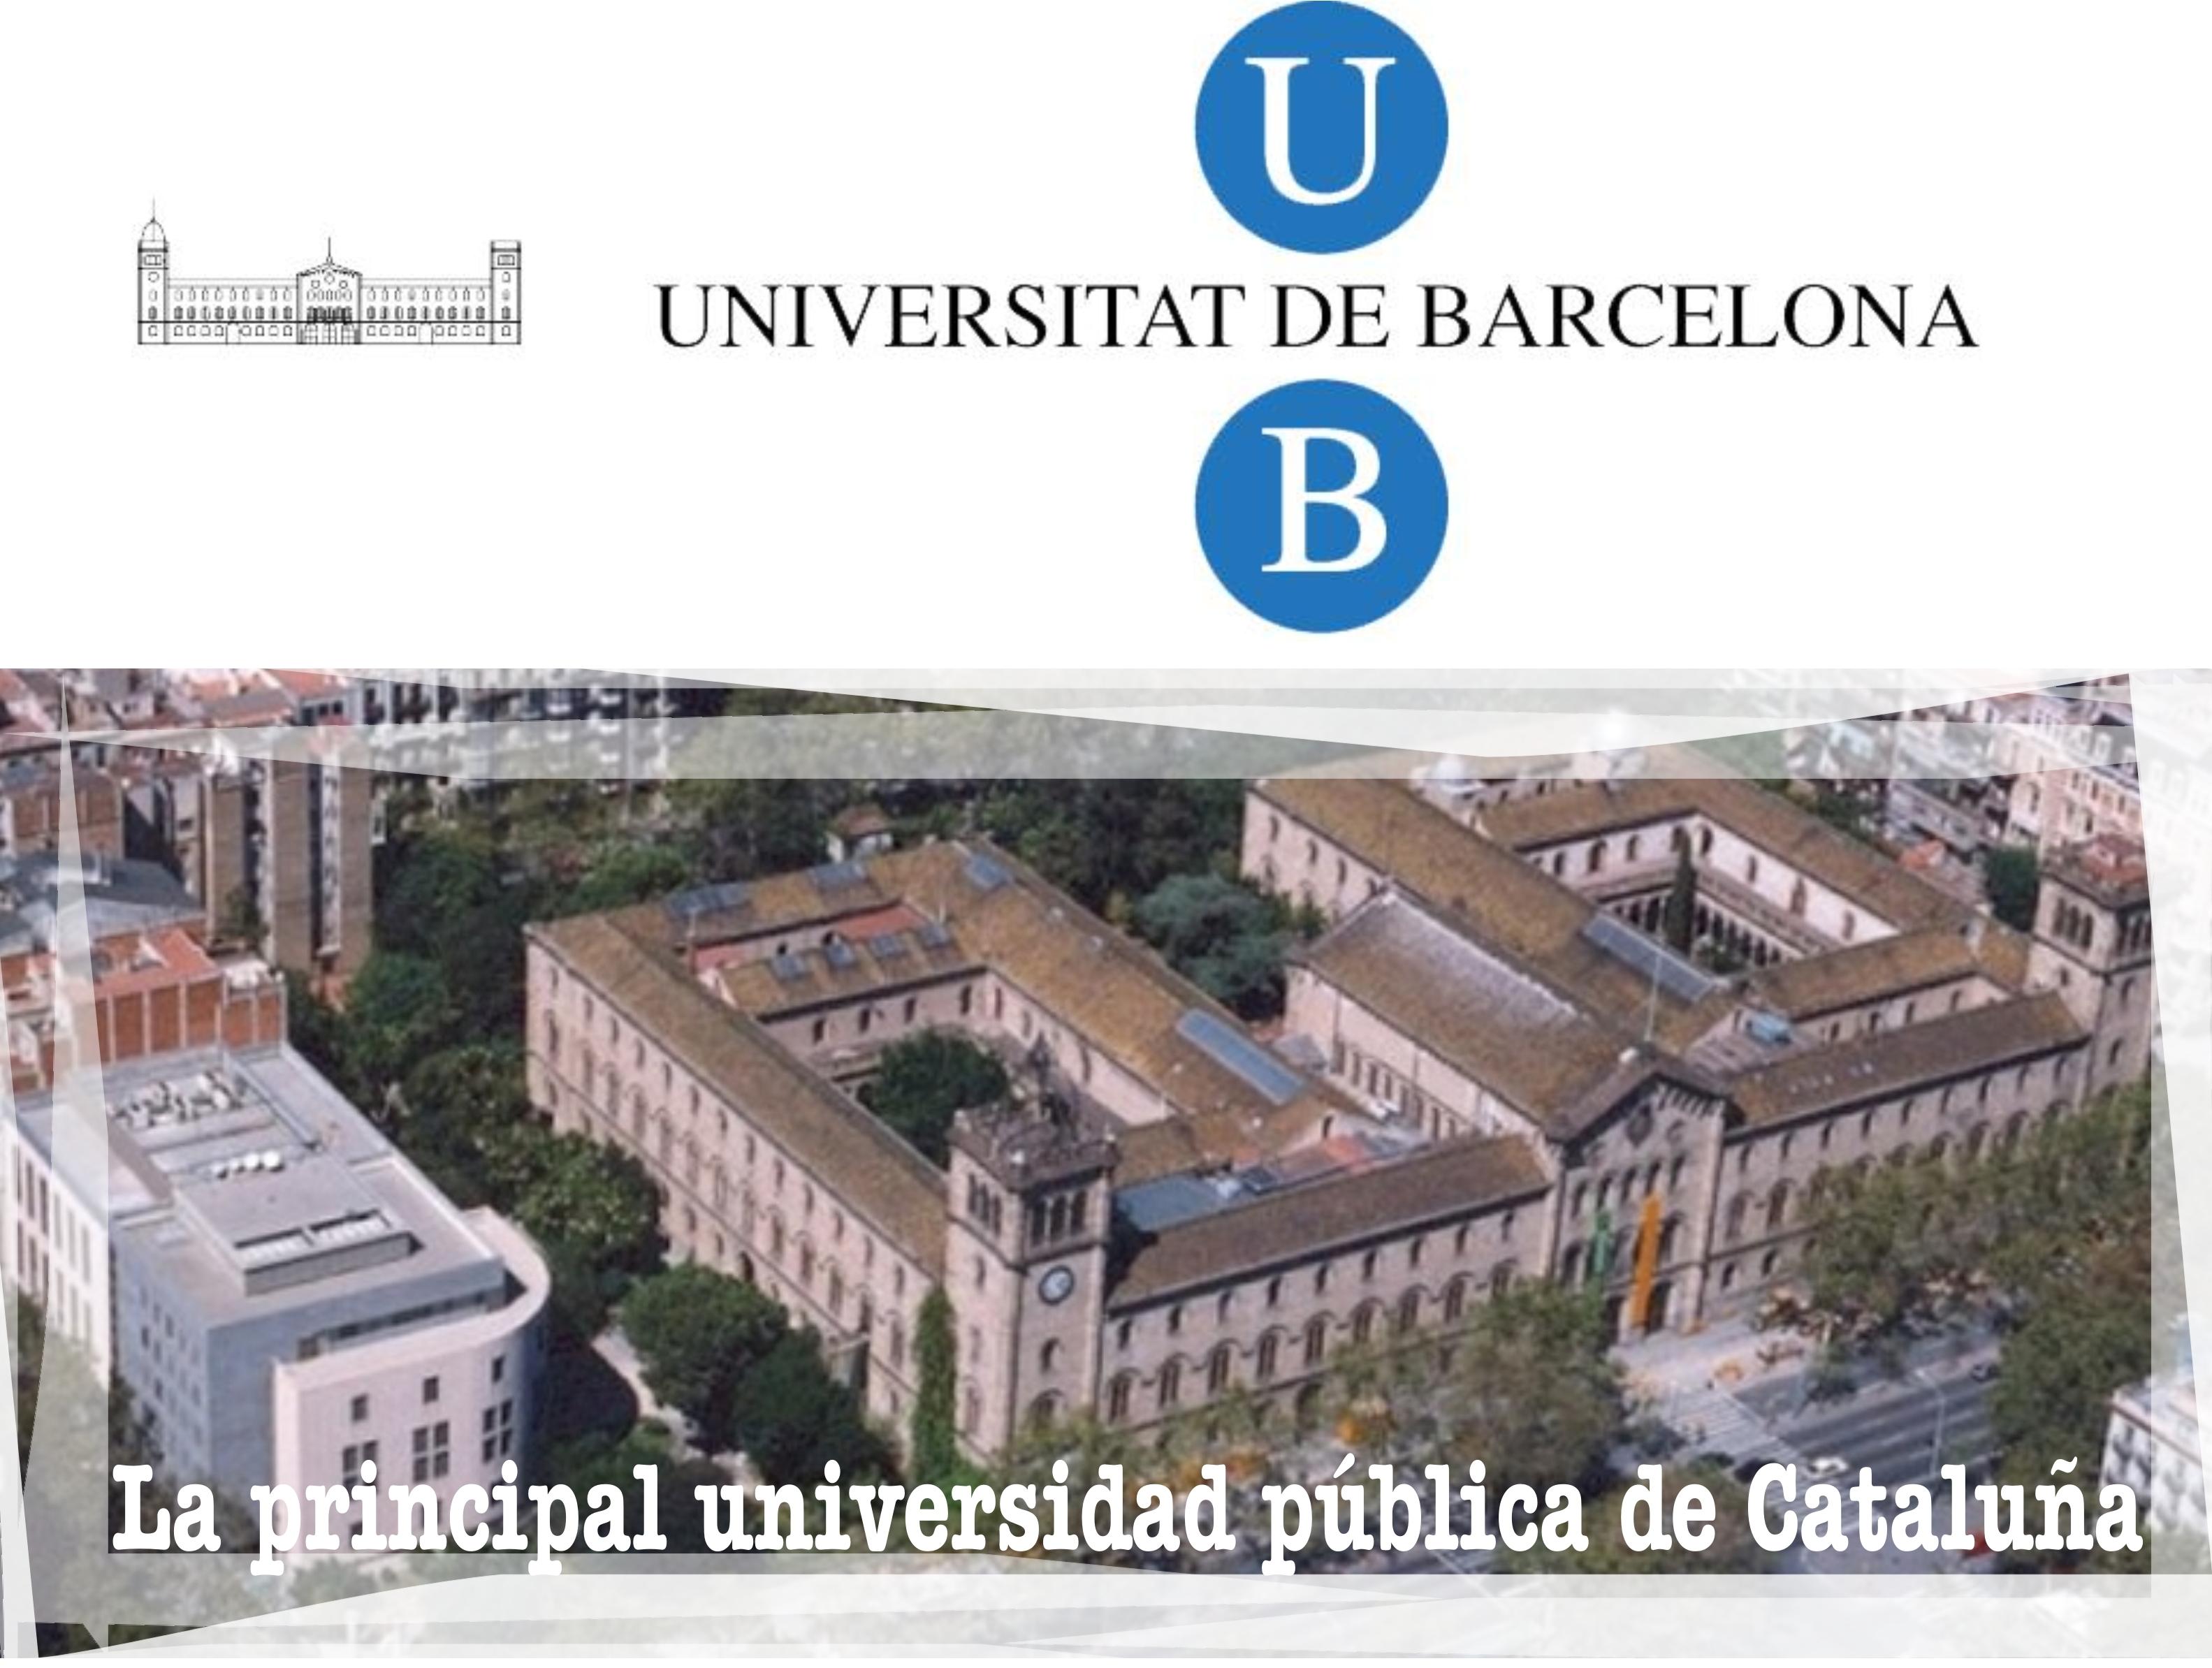 Universidad de Barcelona, la principal universidad pública de Cataluña